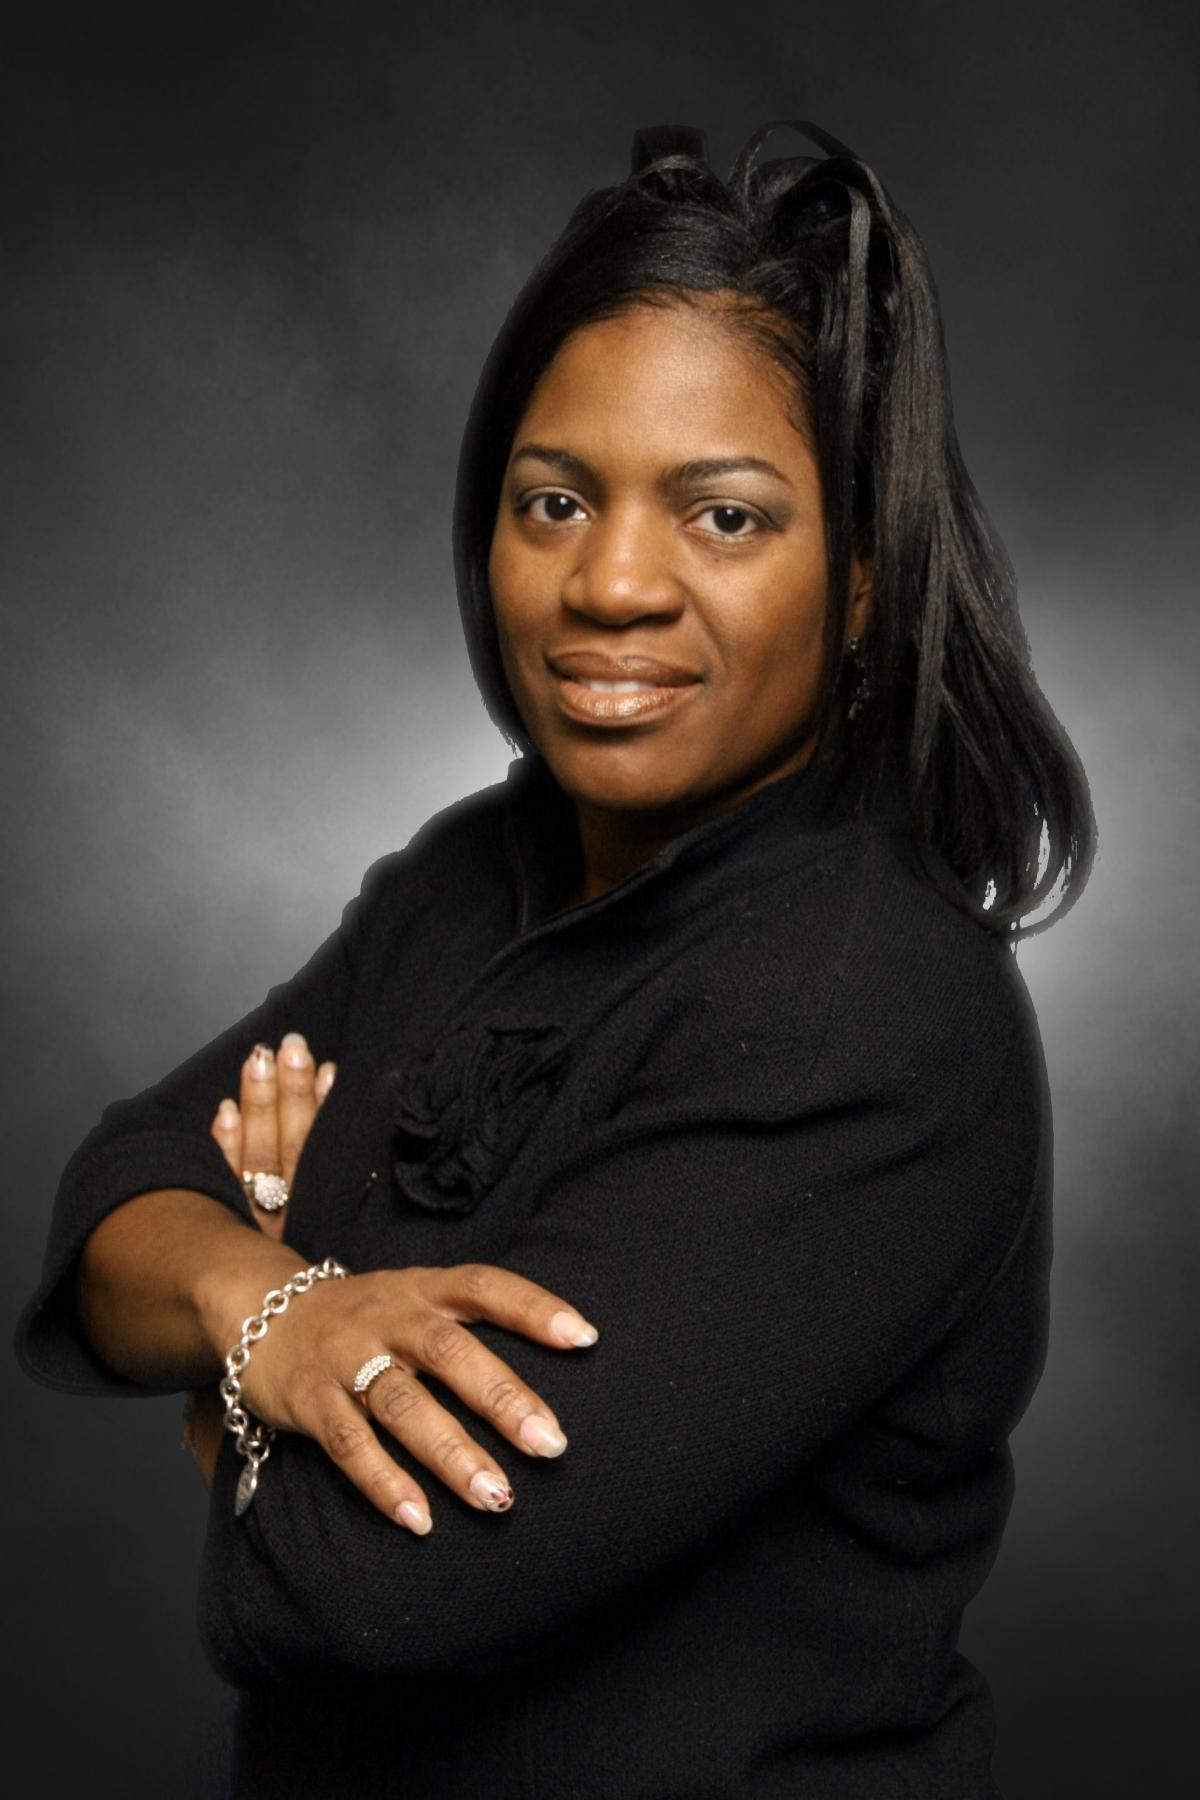 Dr. Iris Perkins